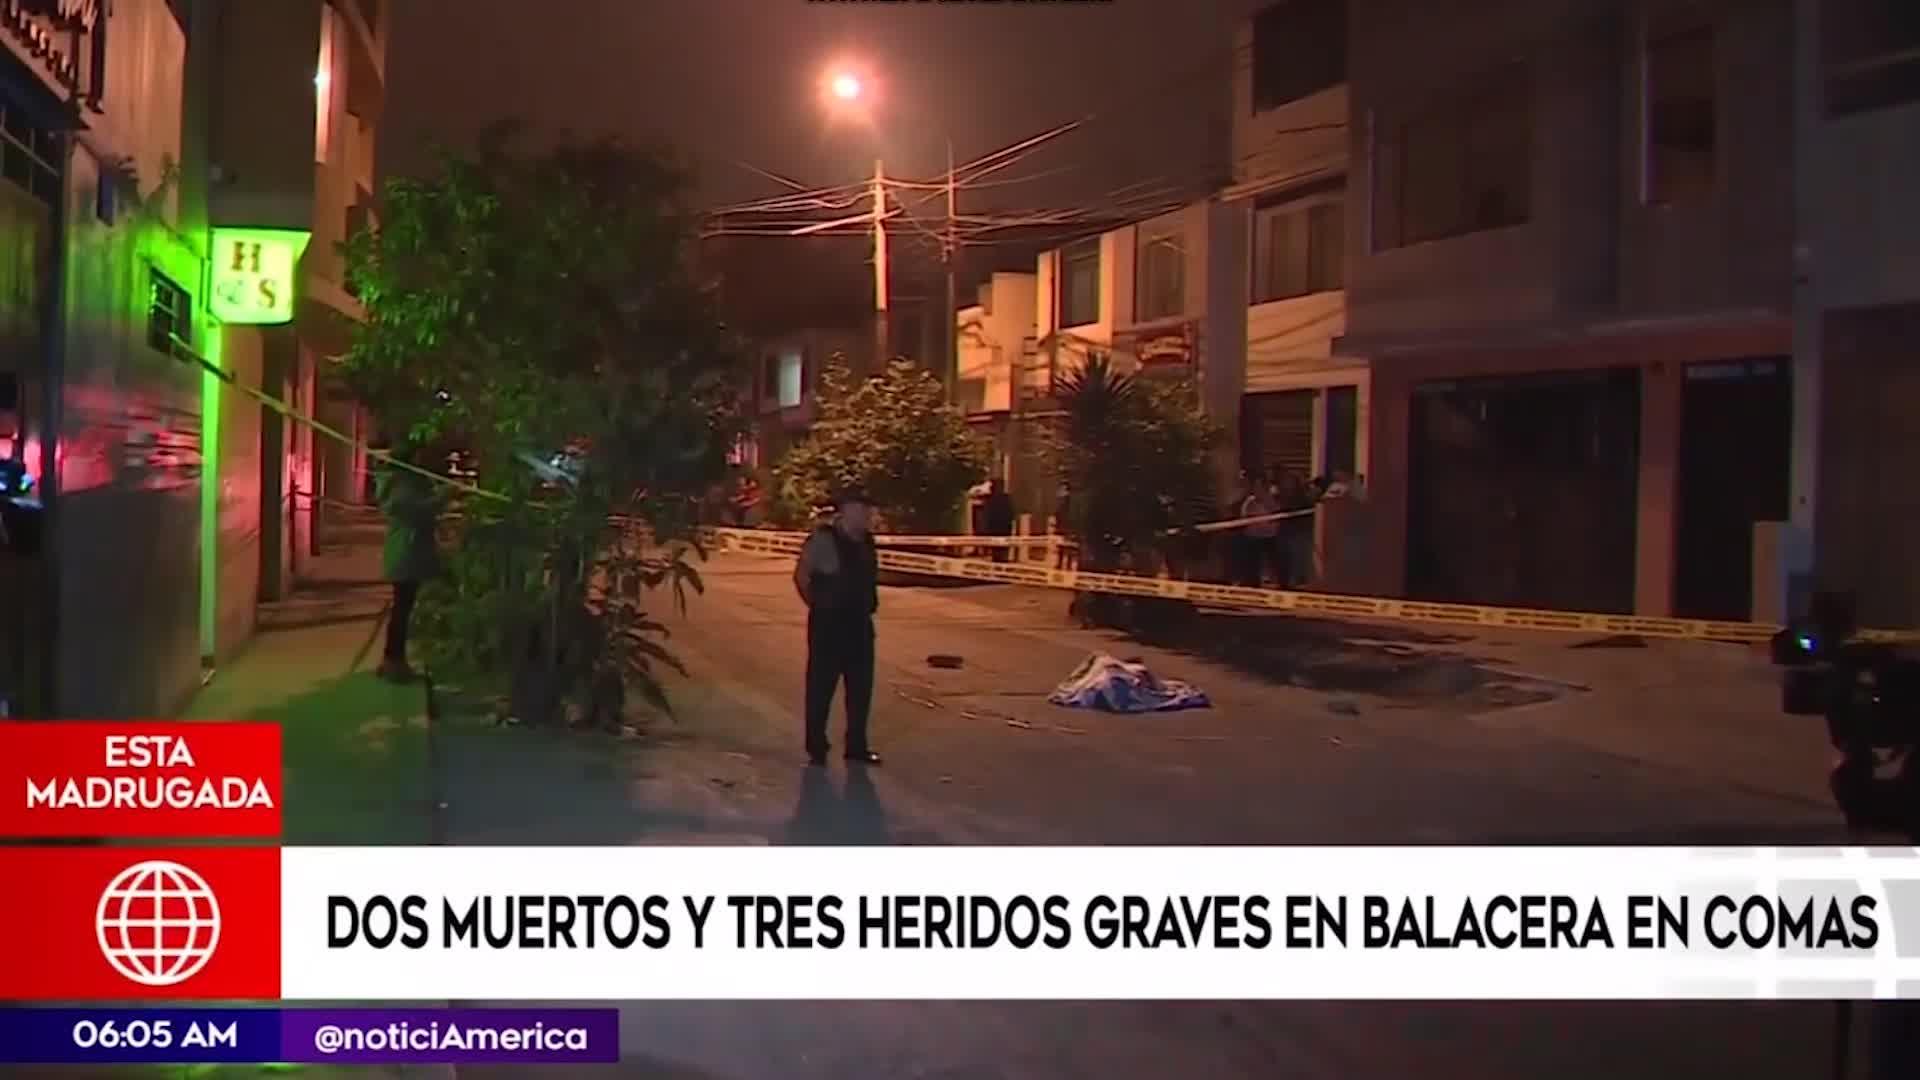 Comas: balacera dejó dos muertos y tres heridos